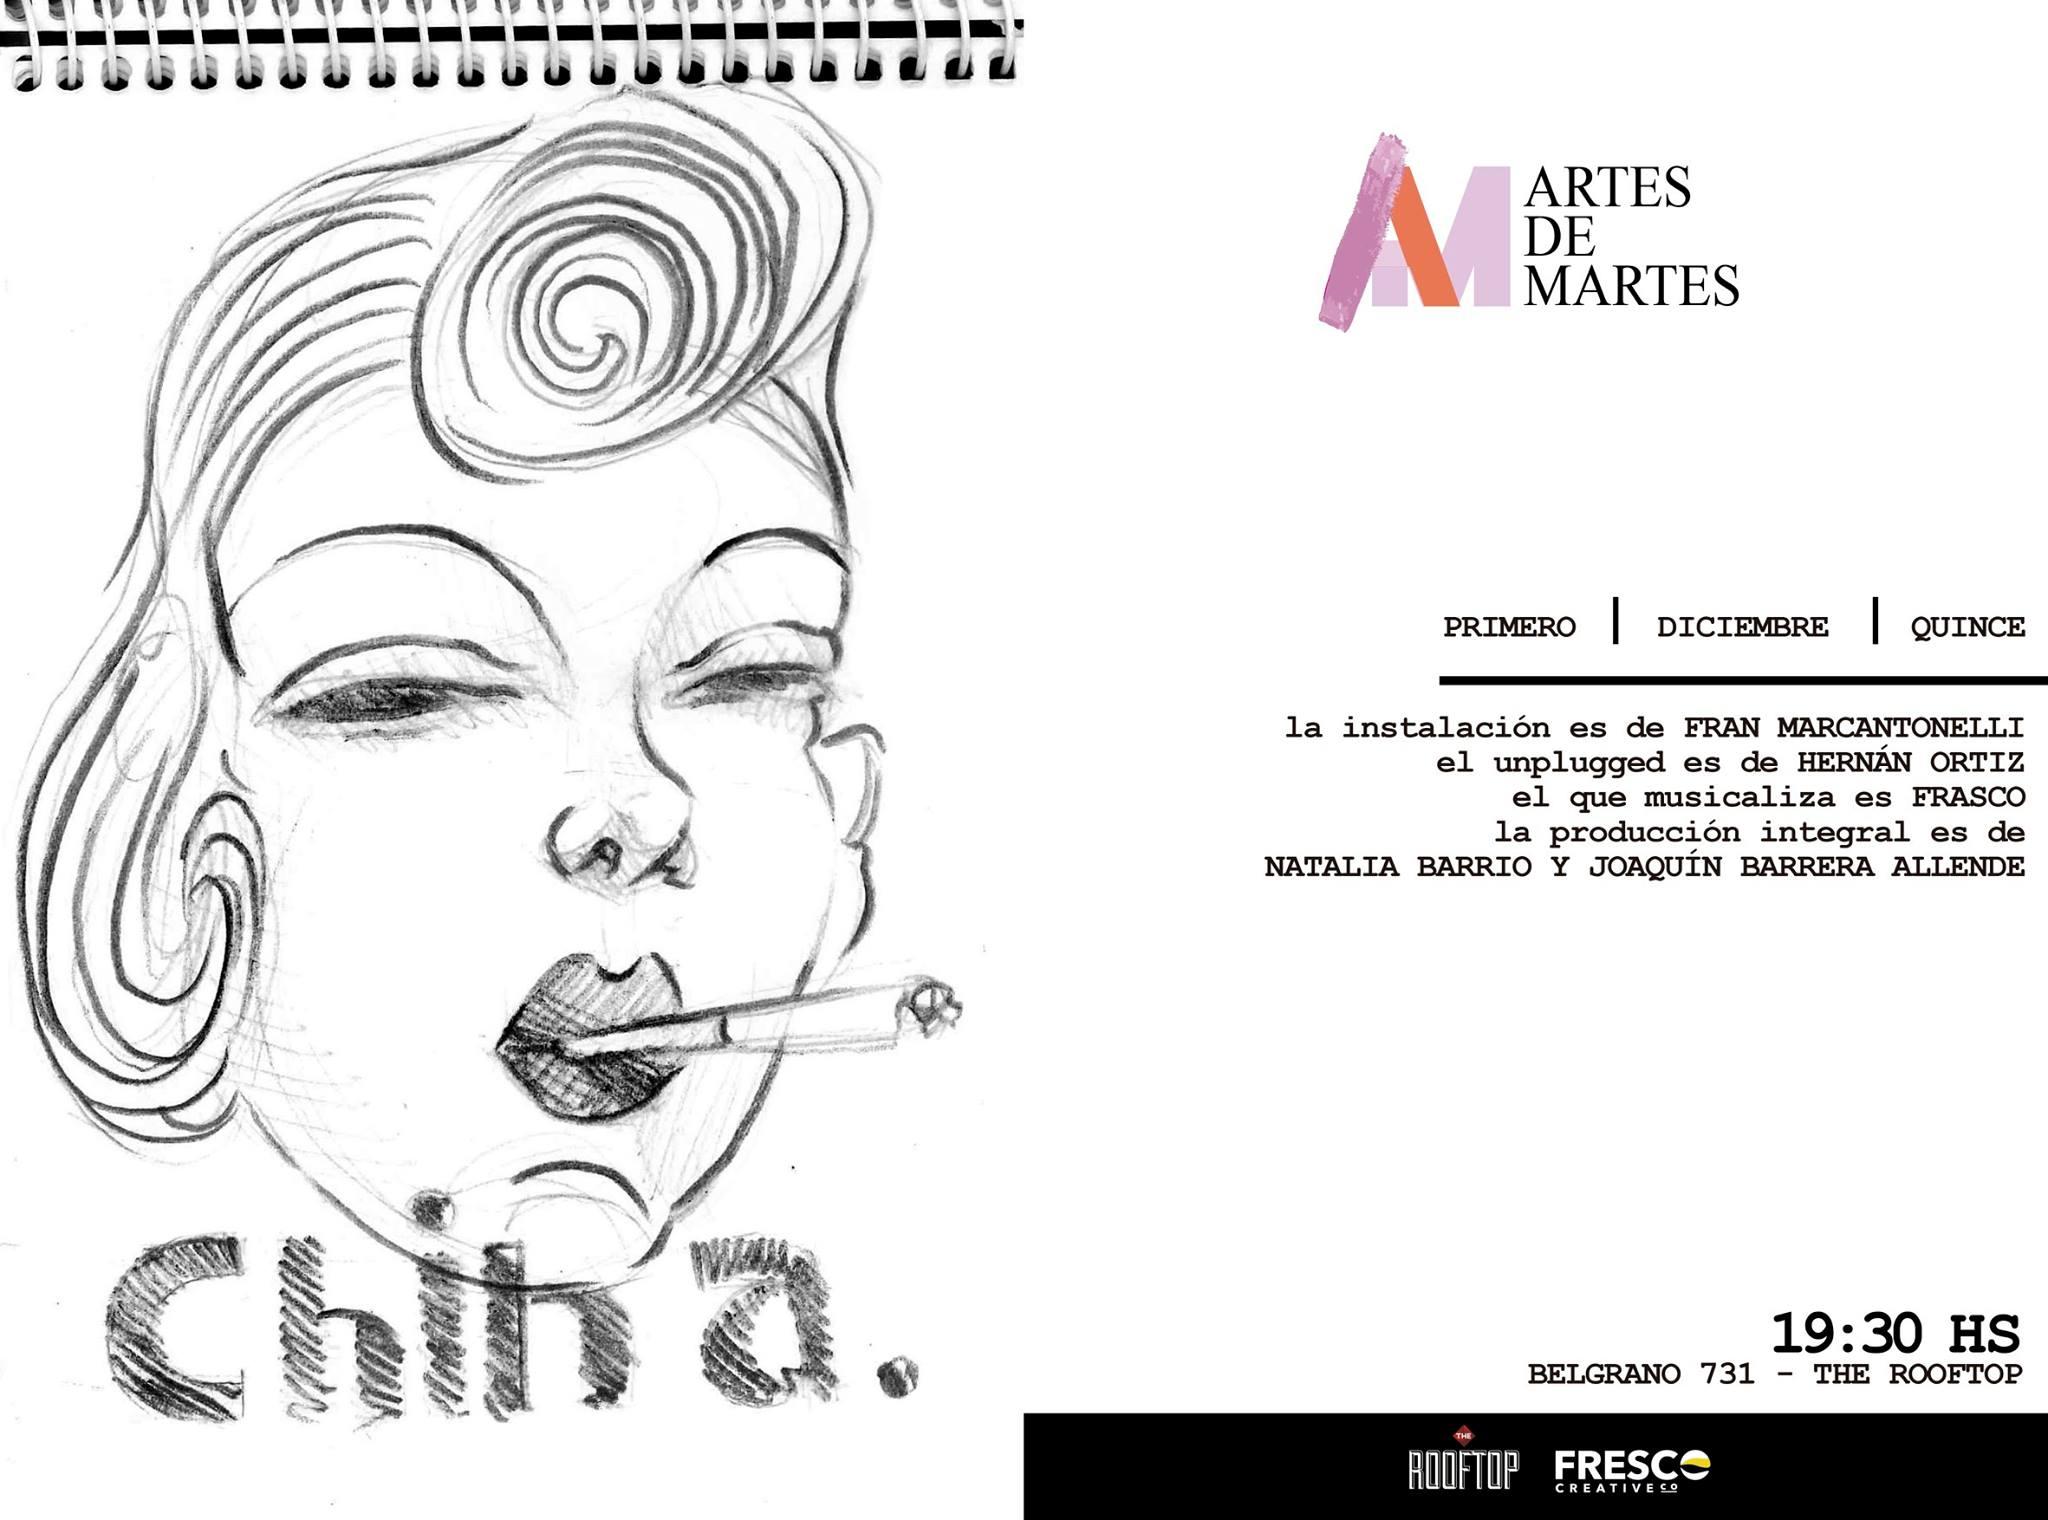 #ArtesDeMartes: cortar la semana a puro color